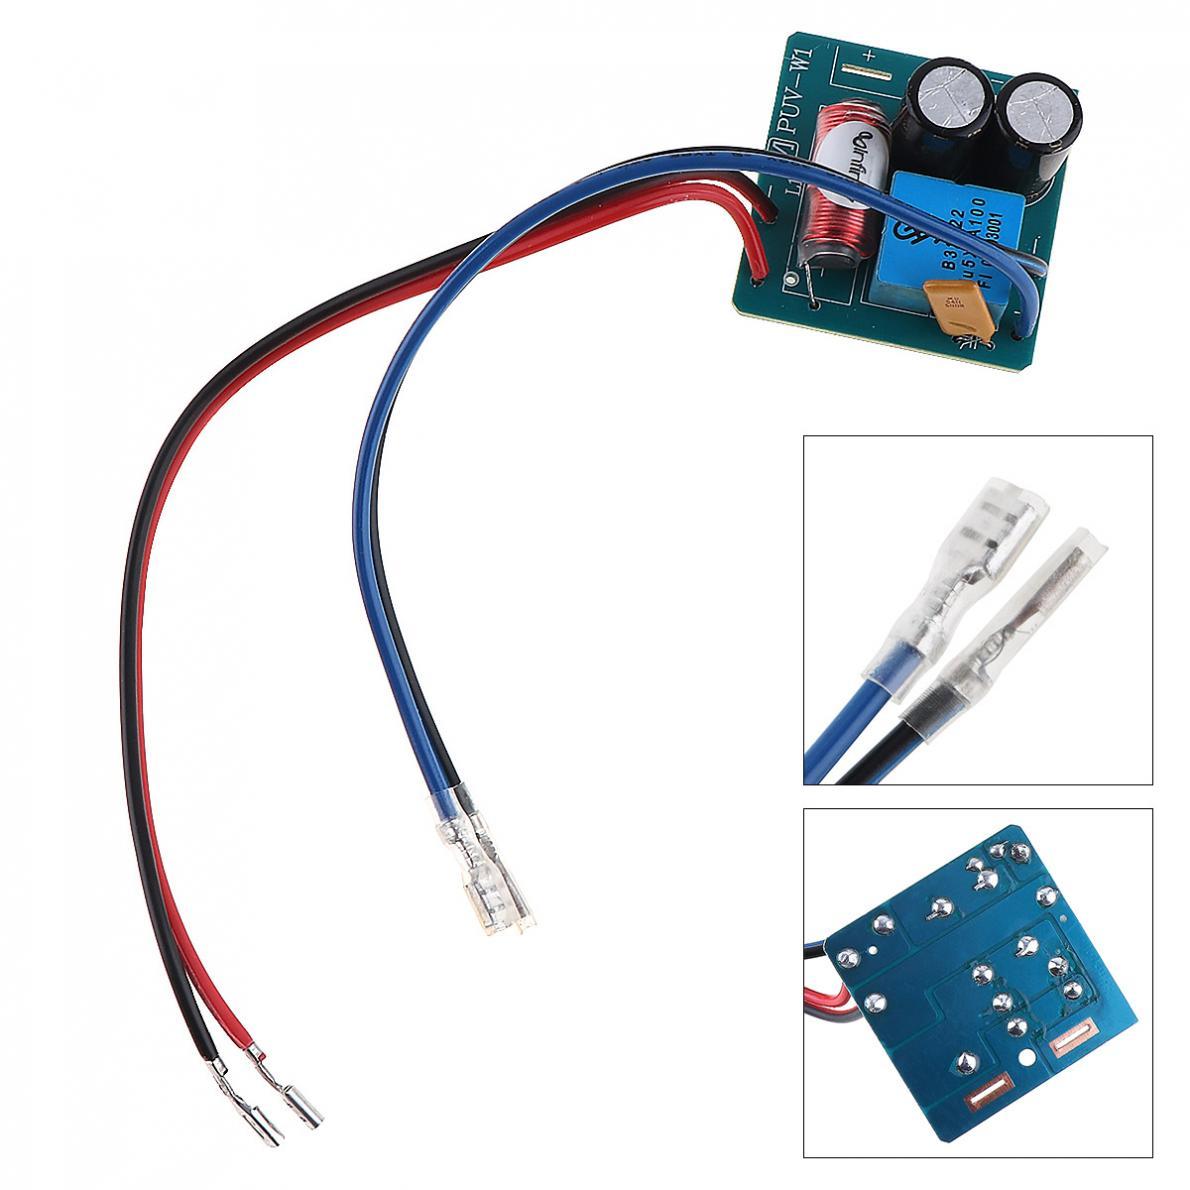 PUV-W1 60W 12V Lautsprecher Audio Frequenz Teiler Lautsprecher 2 Einheit Crossover Filter für Lautsprecher